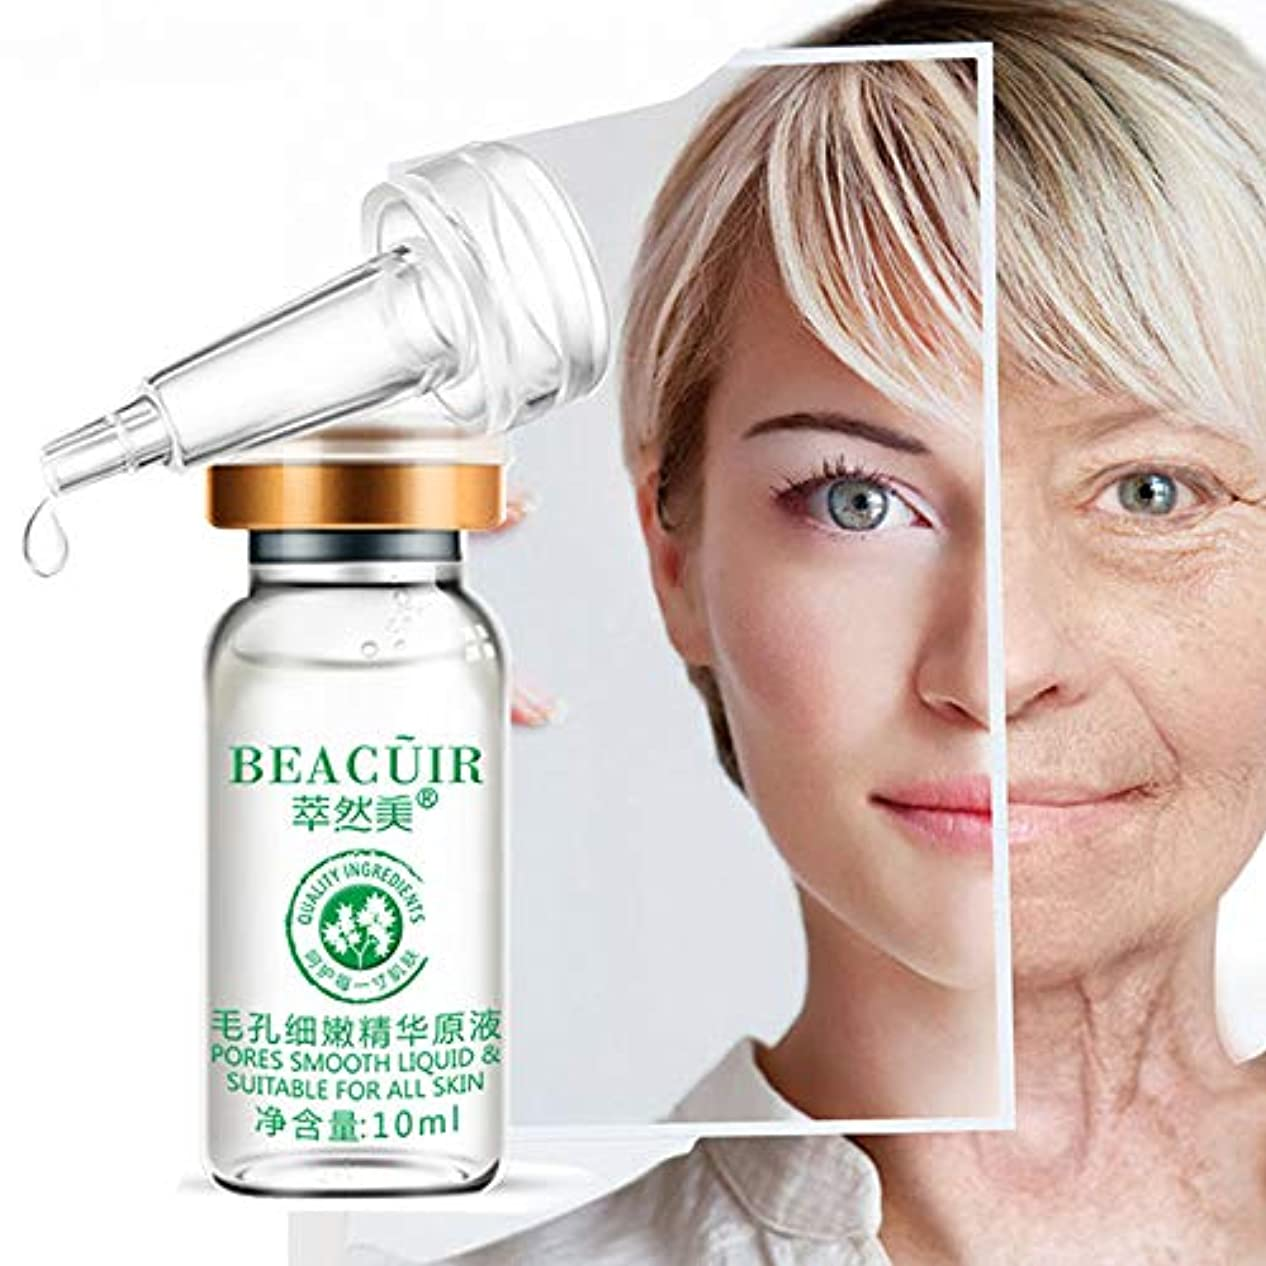 無視するのぞき穴なだめるAkane BEACUIR 天然 水分 肌の明るさ 修復 美白 繊細 しわ取り 毛穴縮小 保湿 黒ずみ 角質除去 肌荒れ防止 くすんだ肌を改善し エッセンス 10ml